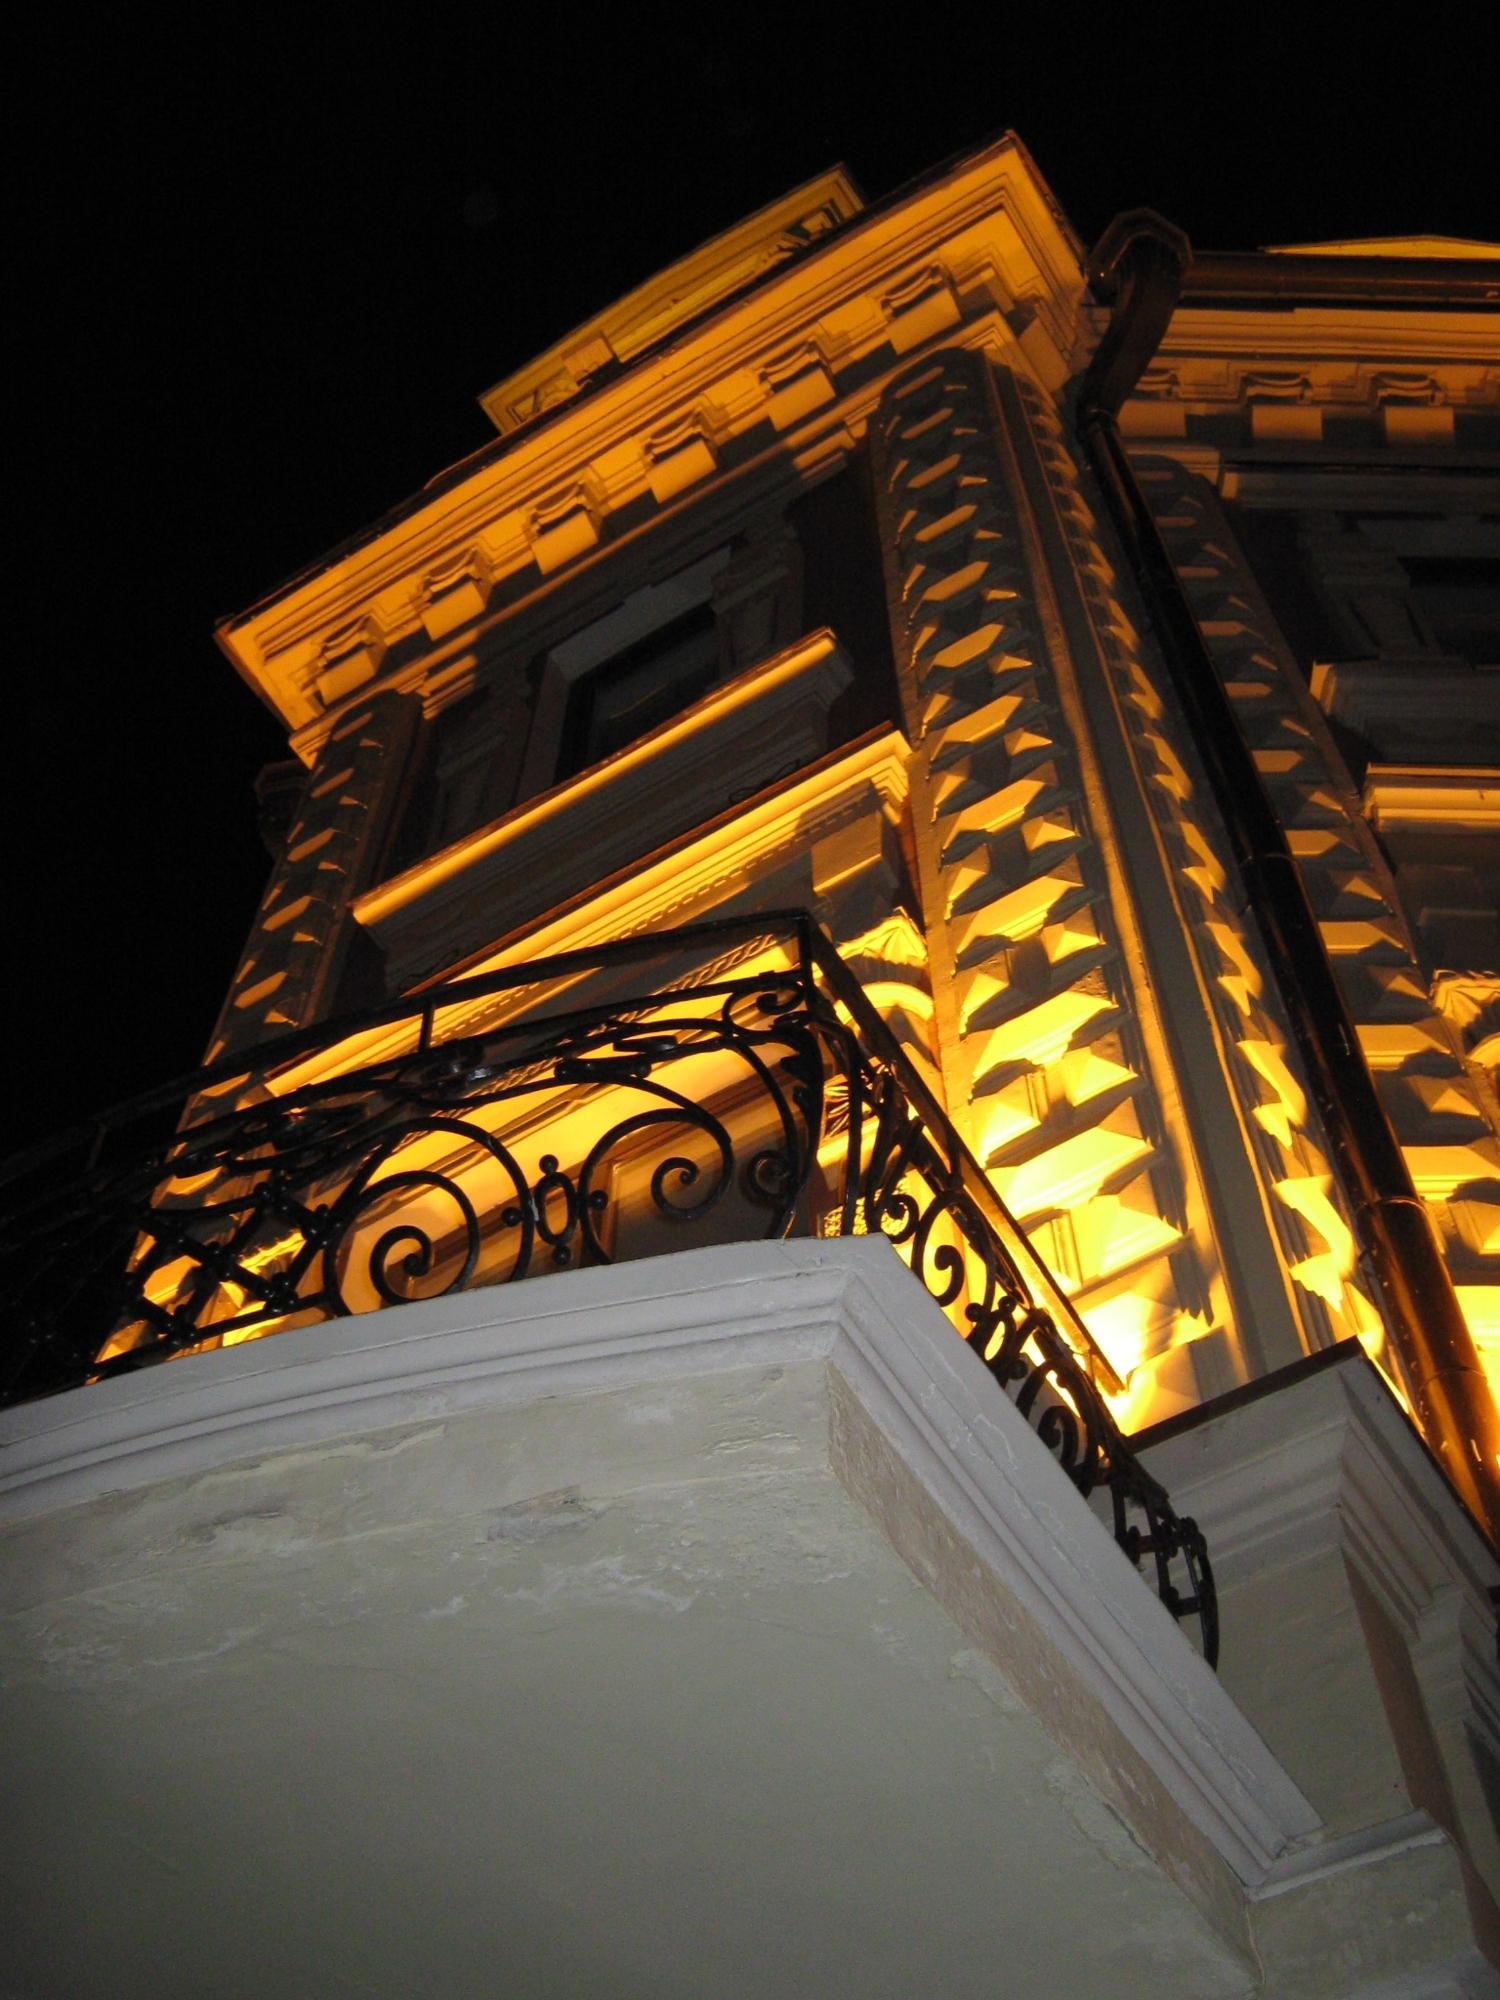 Ночь. Улица. Фонарь. Балкон...